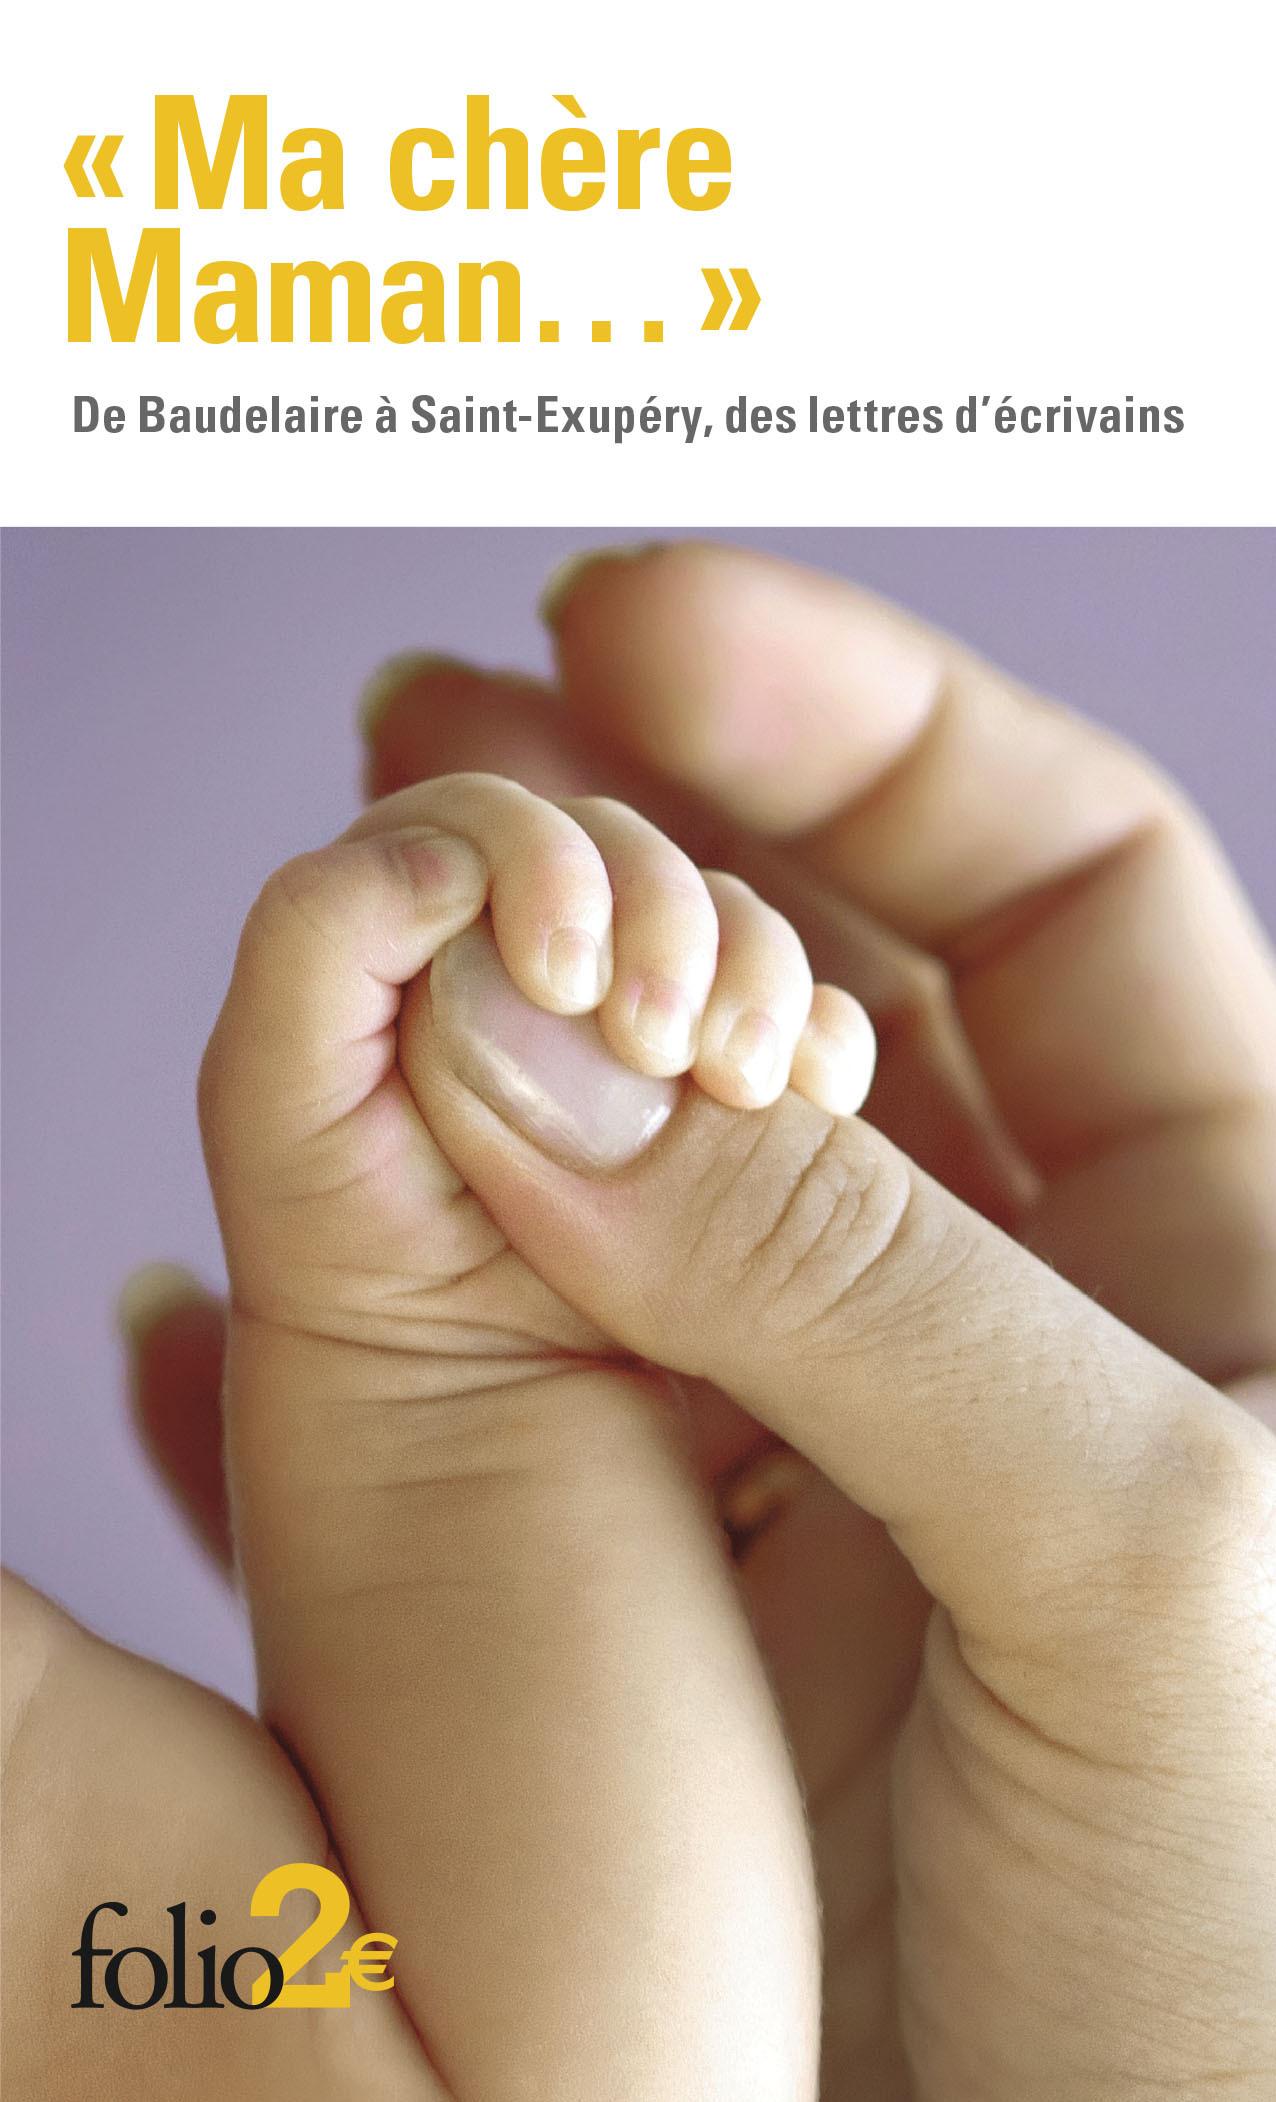 MA CHERE MAMAN...  - DE BAUDELAIRE A SAINT-EXUPERY, DES LETTRES D'ECRIVAINS